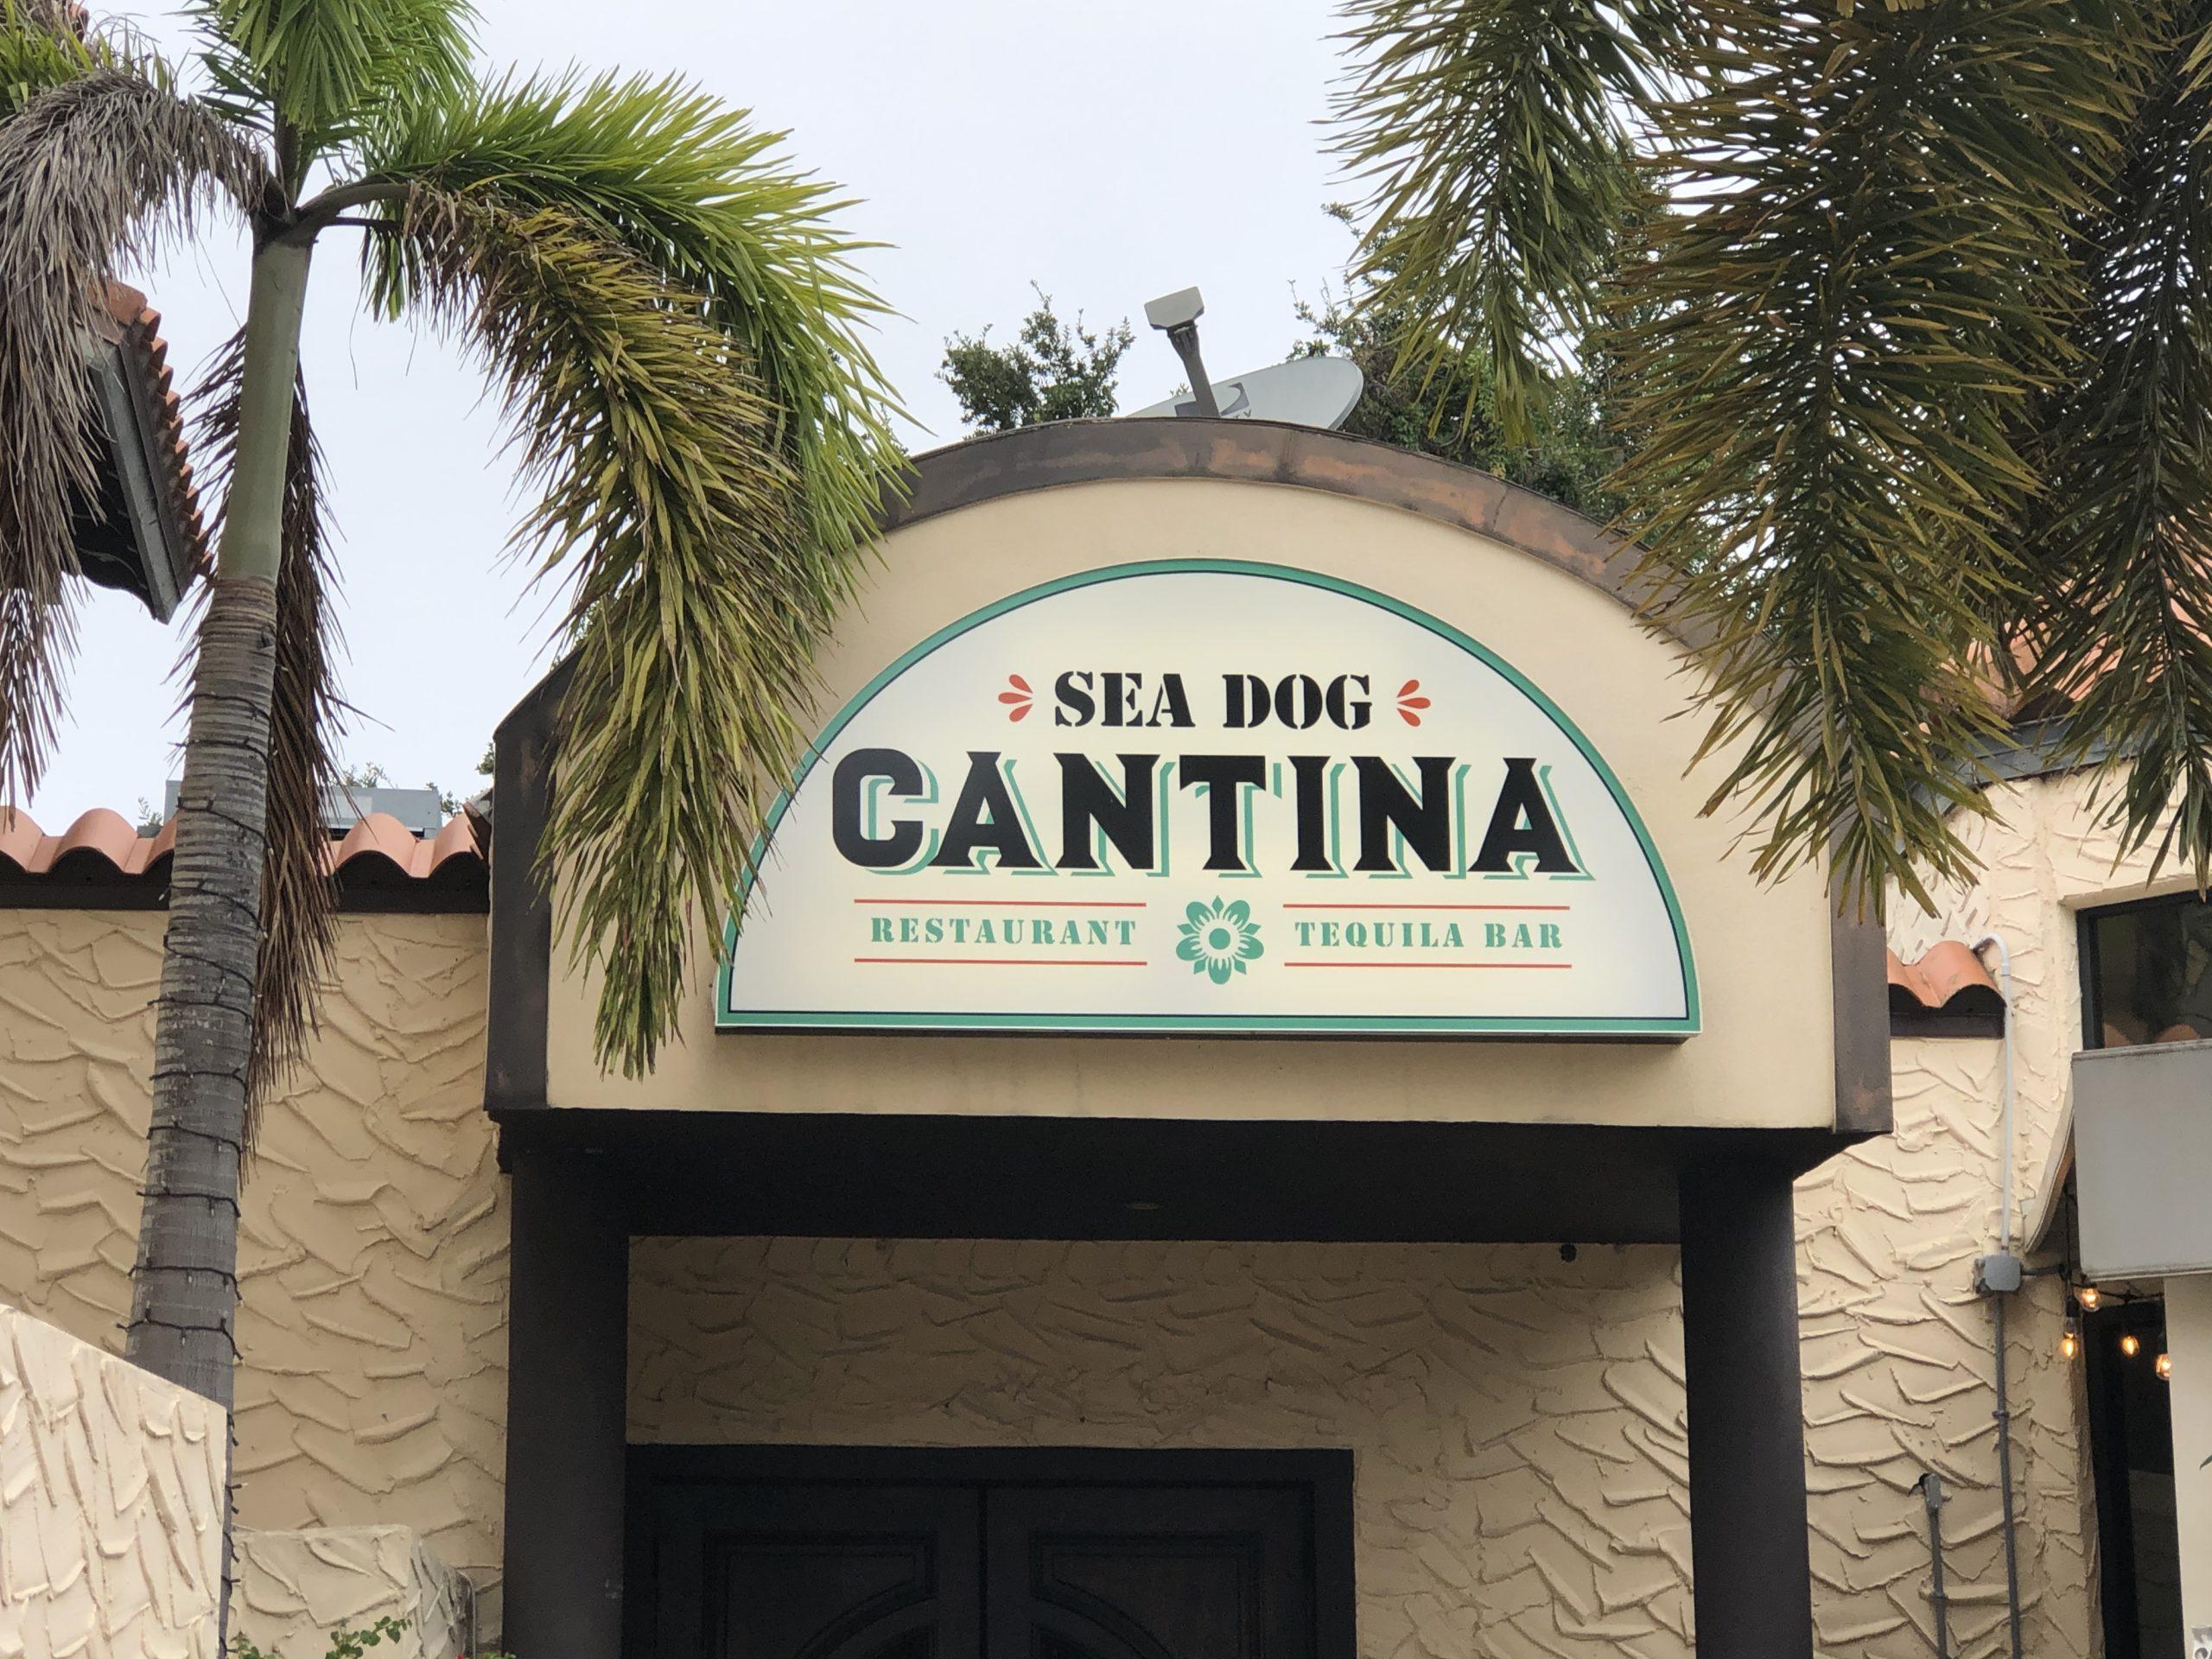 Sea Dog Cantina sign